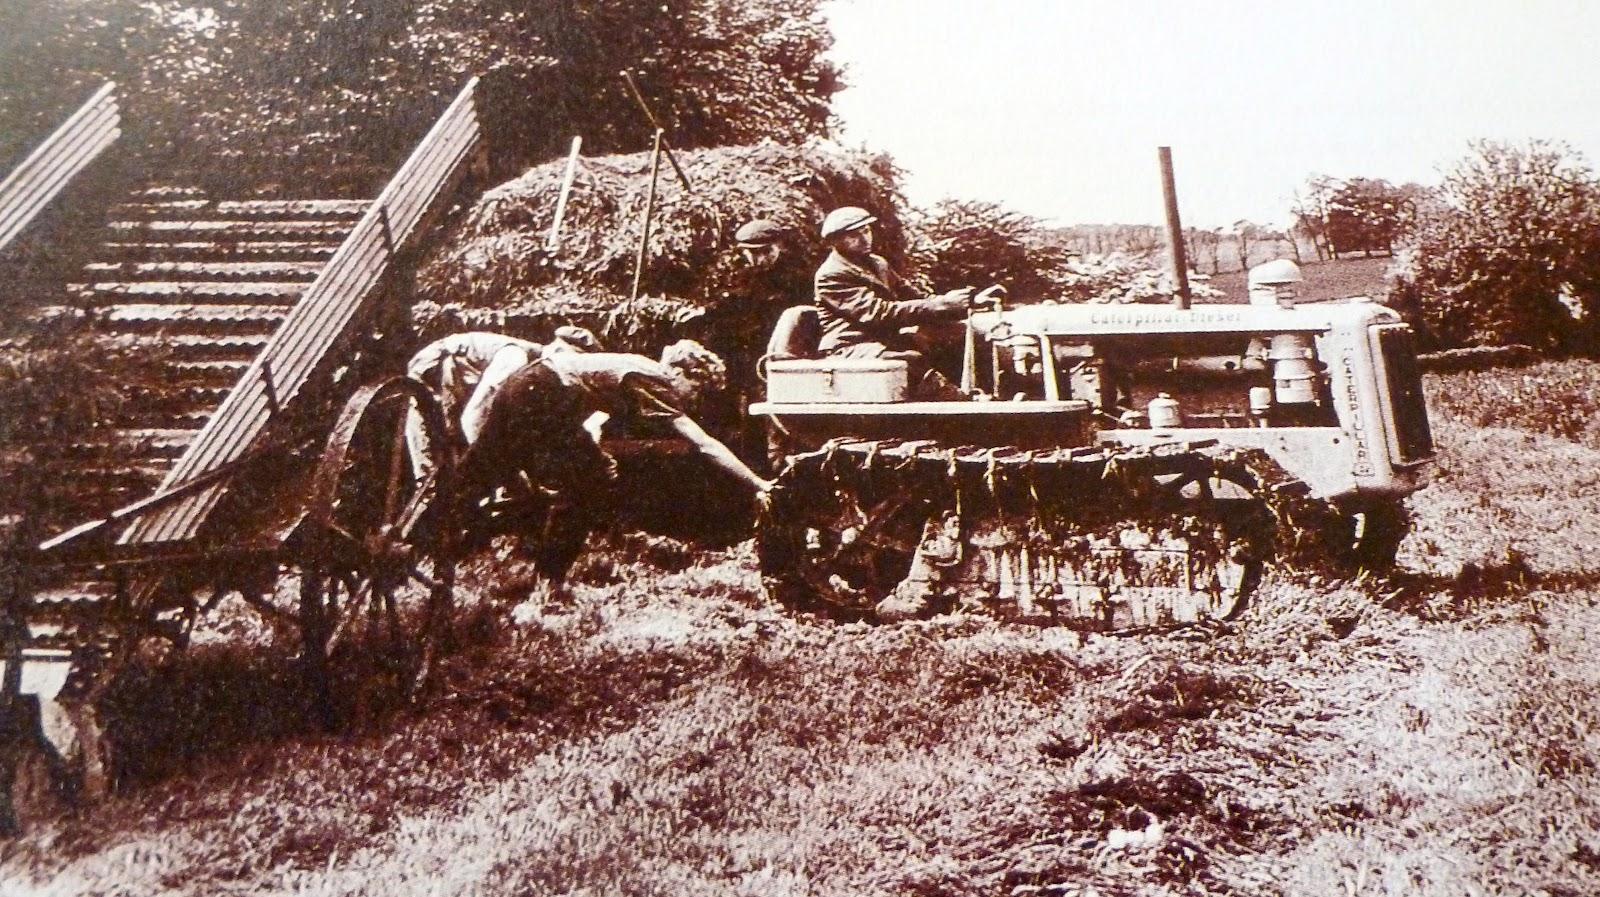 Imatges sobre rodes: BENACH. Tractor. 1927.